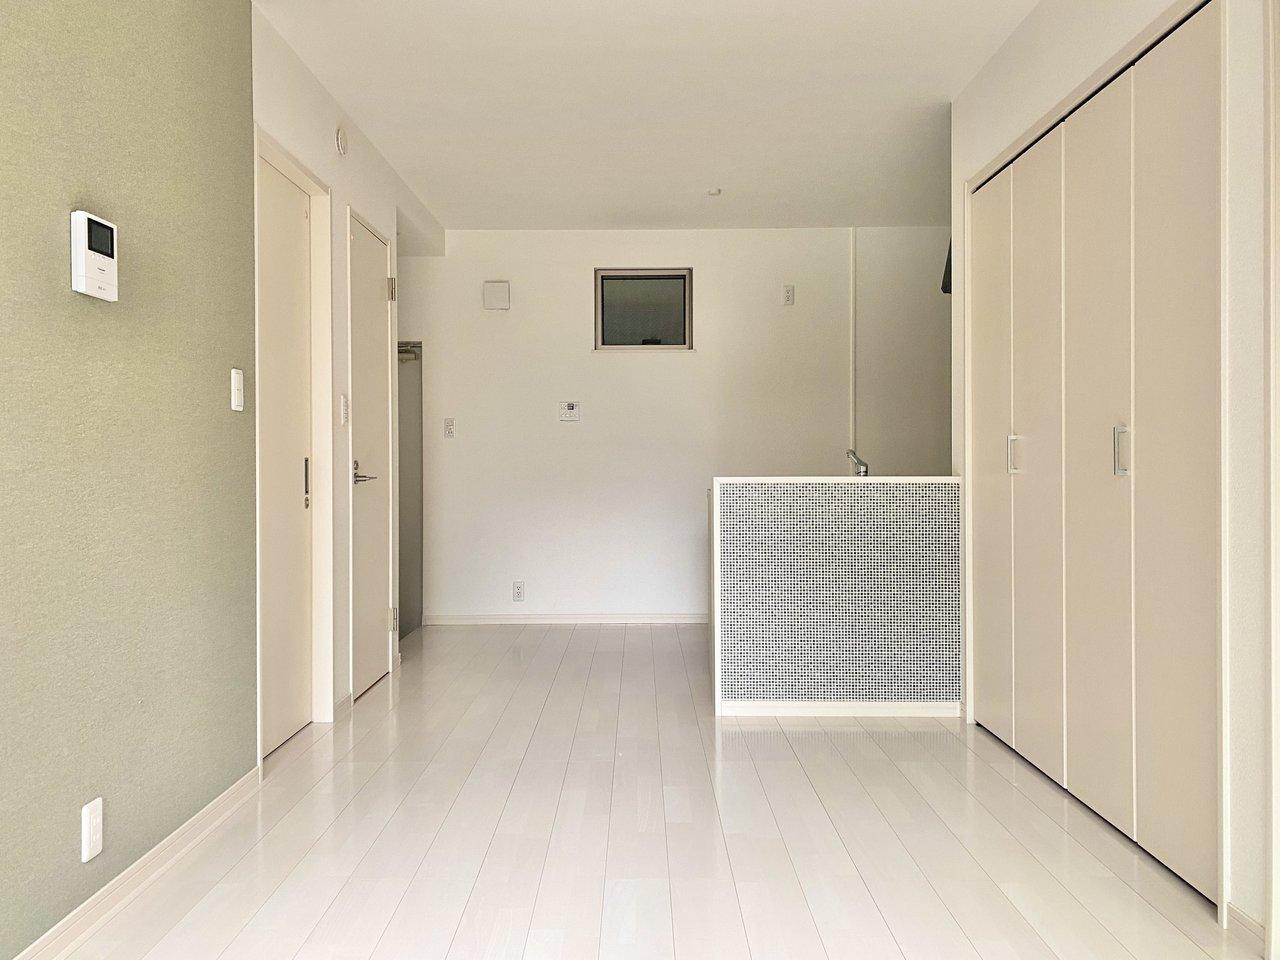 こちらはモスグリーンの壁紙とキッチンのタイルがおしゃれな、築浅のお部屋。